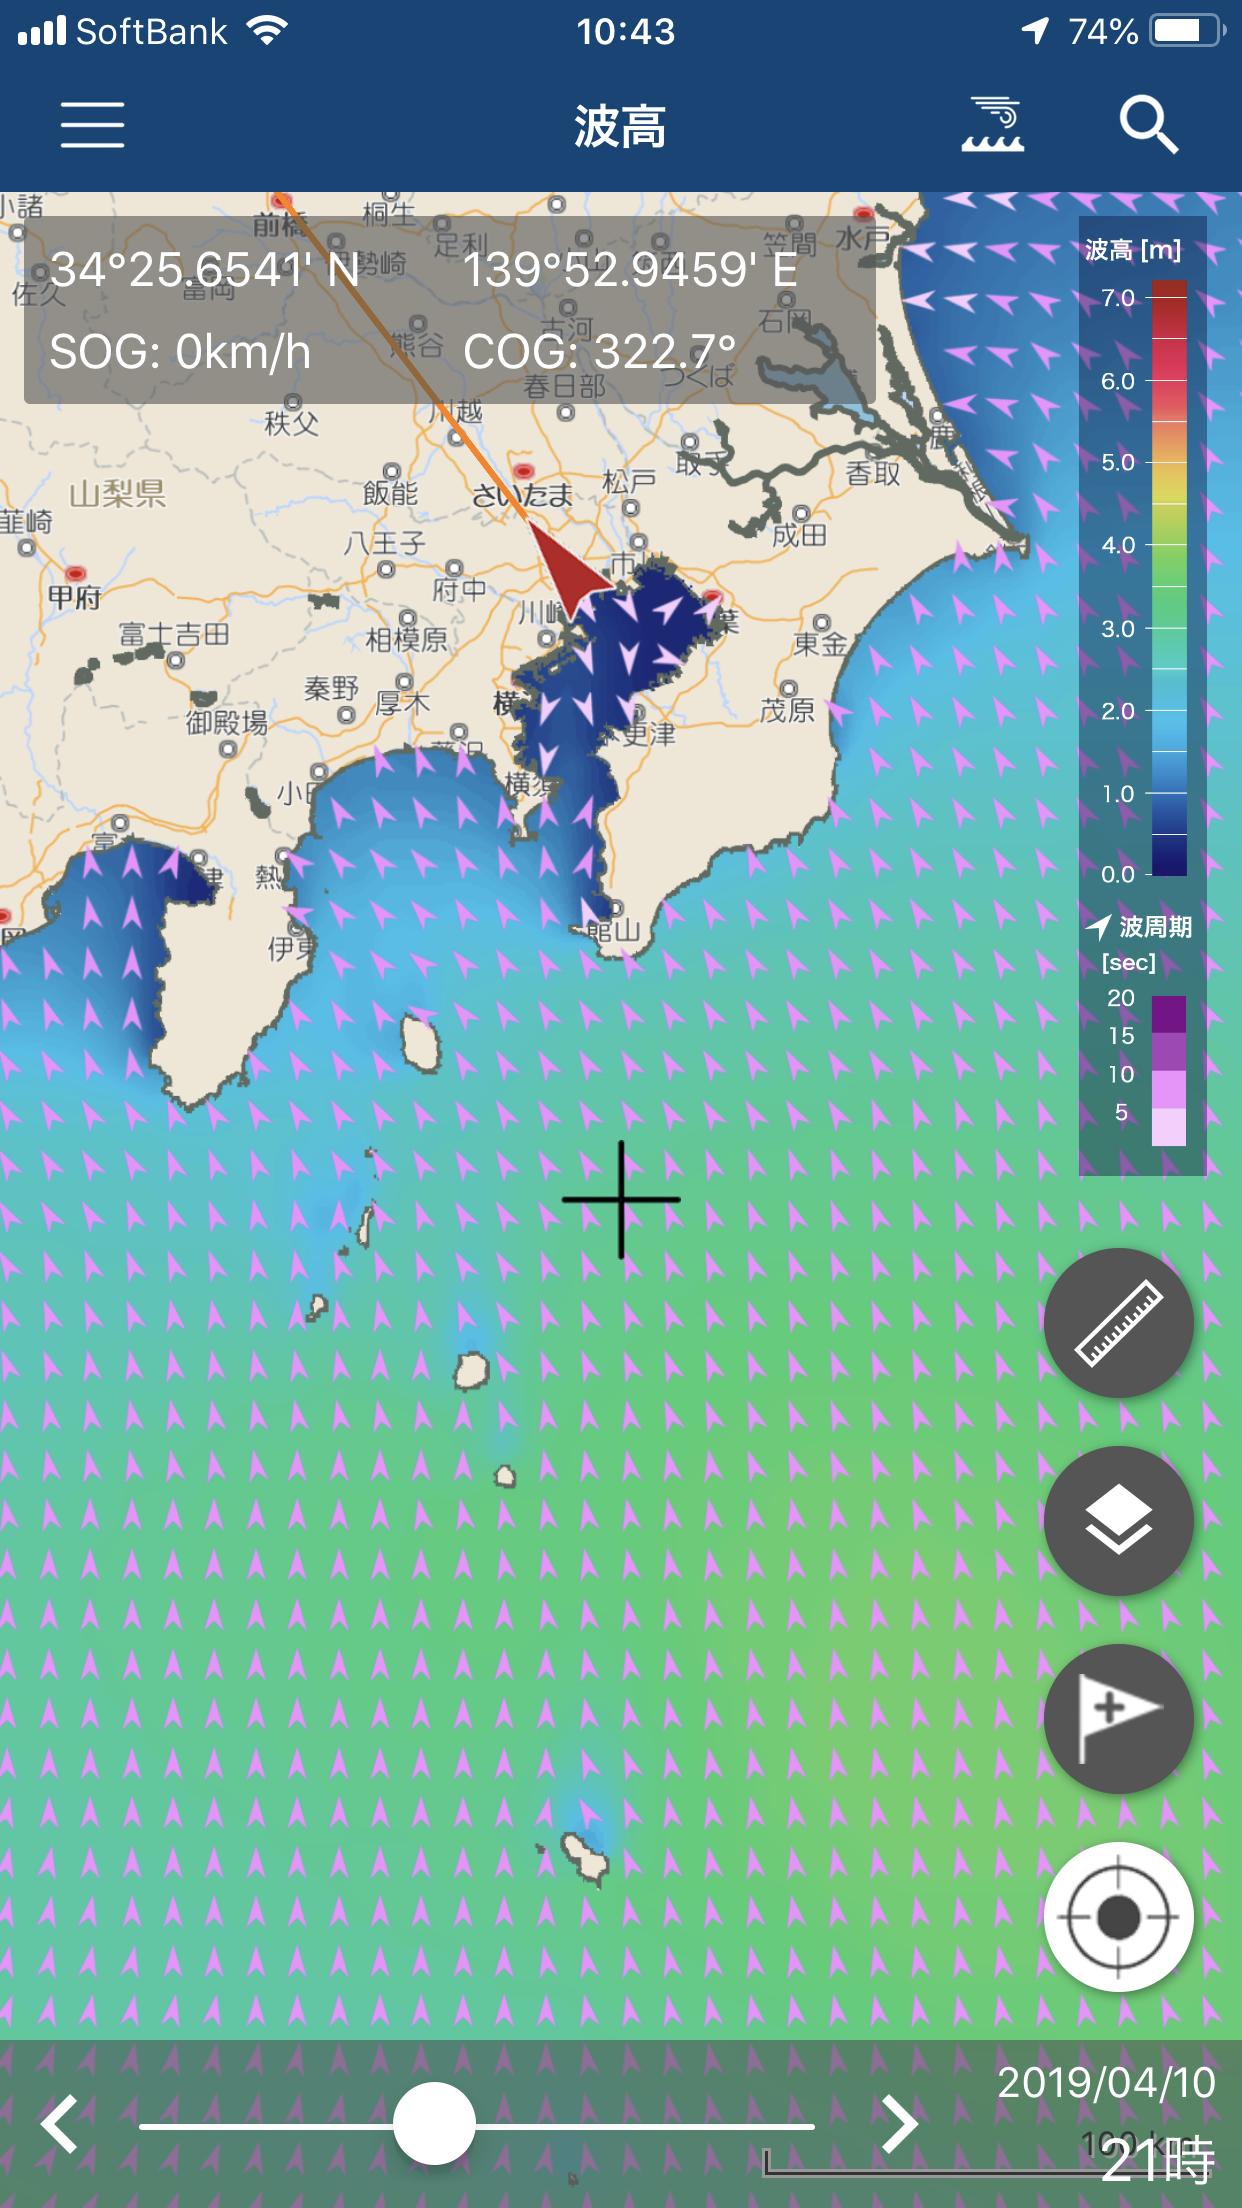 波高・波向・波周期を調べる